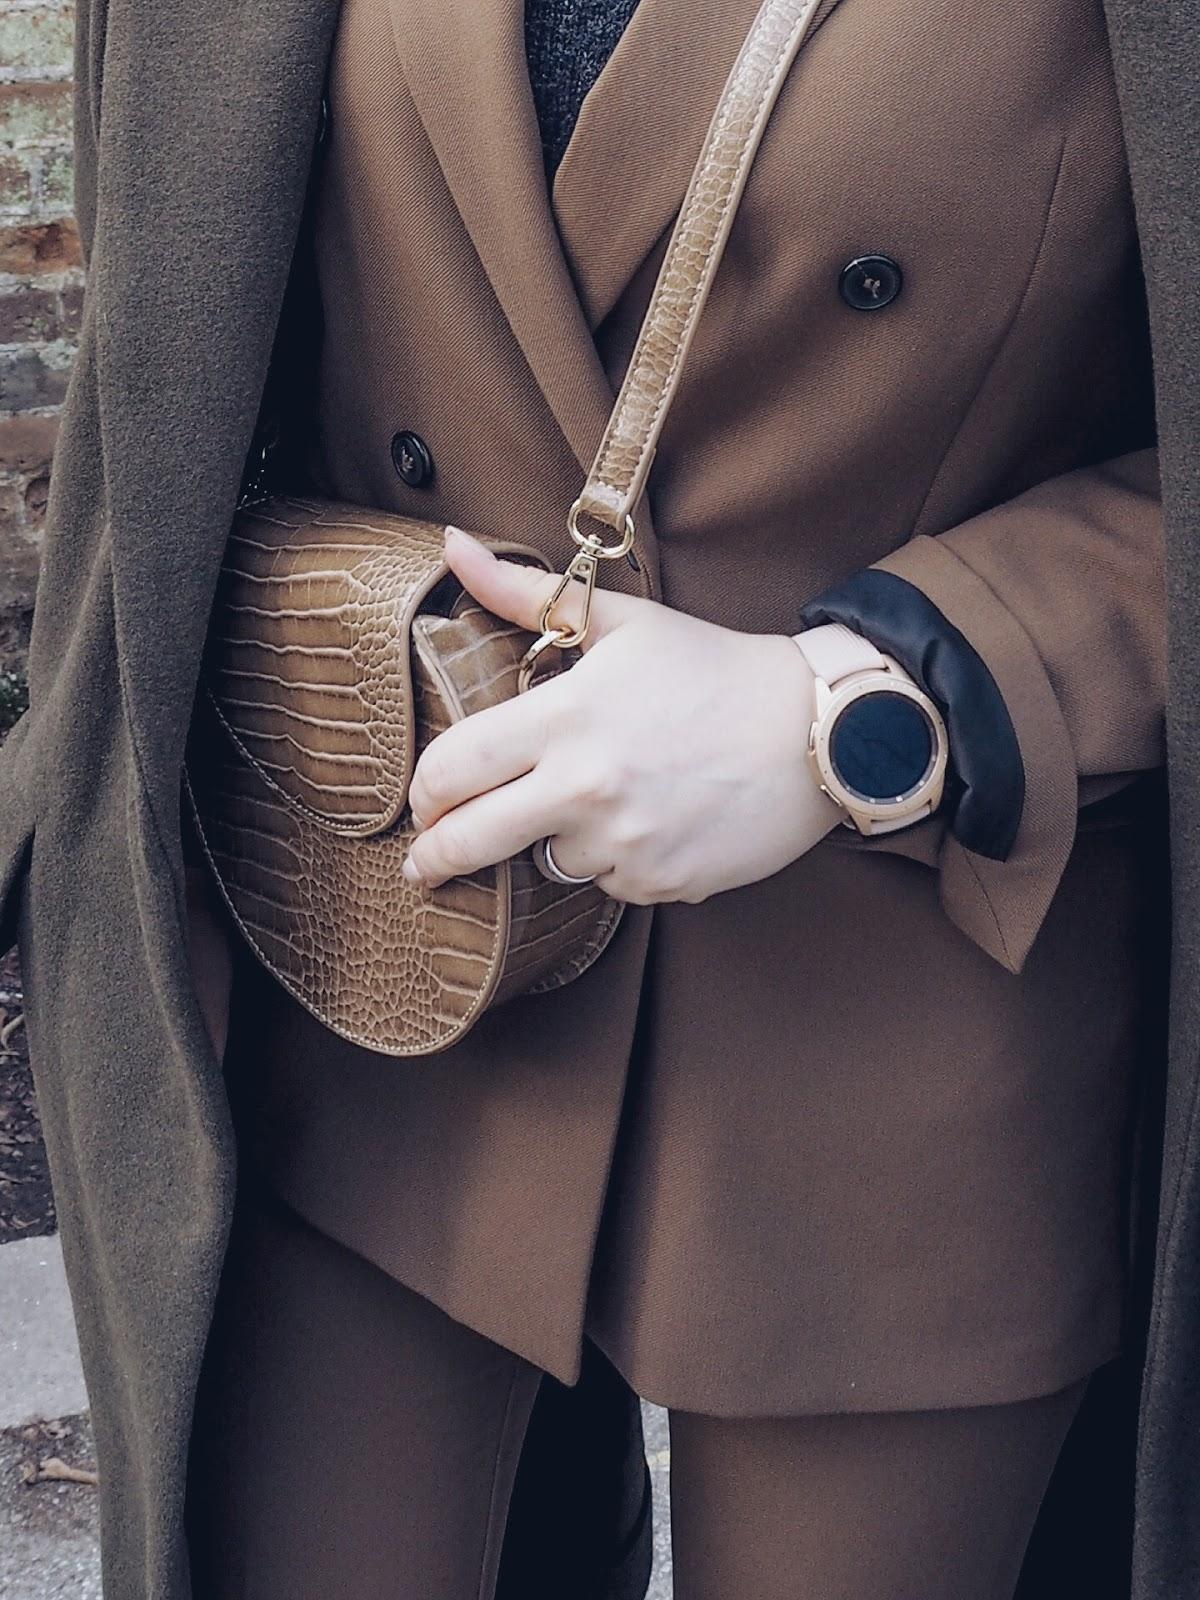 Camel suit in winter #lotd czyli karmelowy garnitur w roli głównej